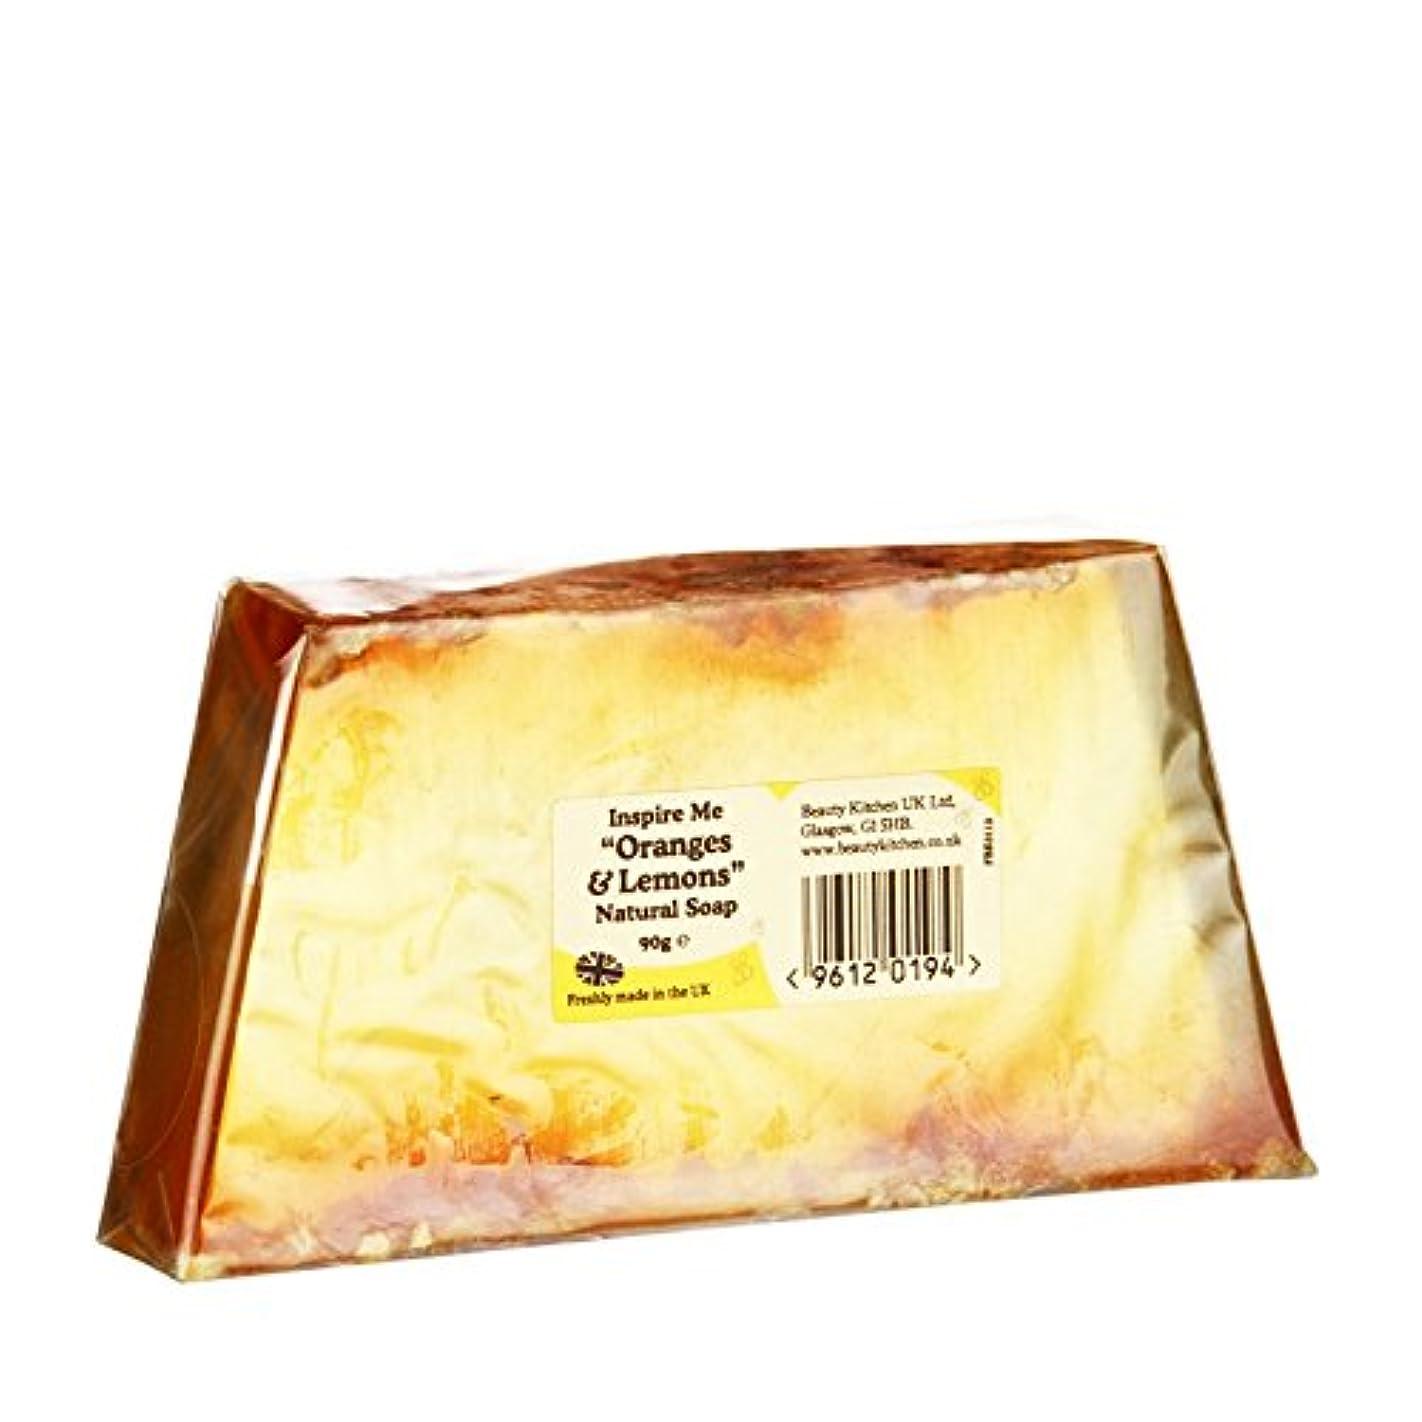 限られたマージ治すBeauty Kitchen Inspire Me Orange & Lemon Natural Soap 90g (Pack of 2) - 美しさのキッチンは私がオレンジ&レモンの天然石鹸90グラム鼓舞します (x2...